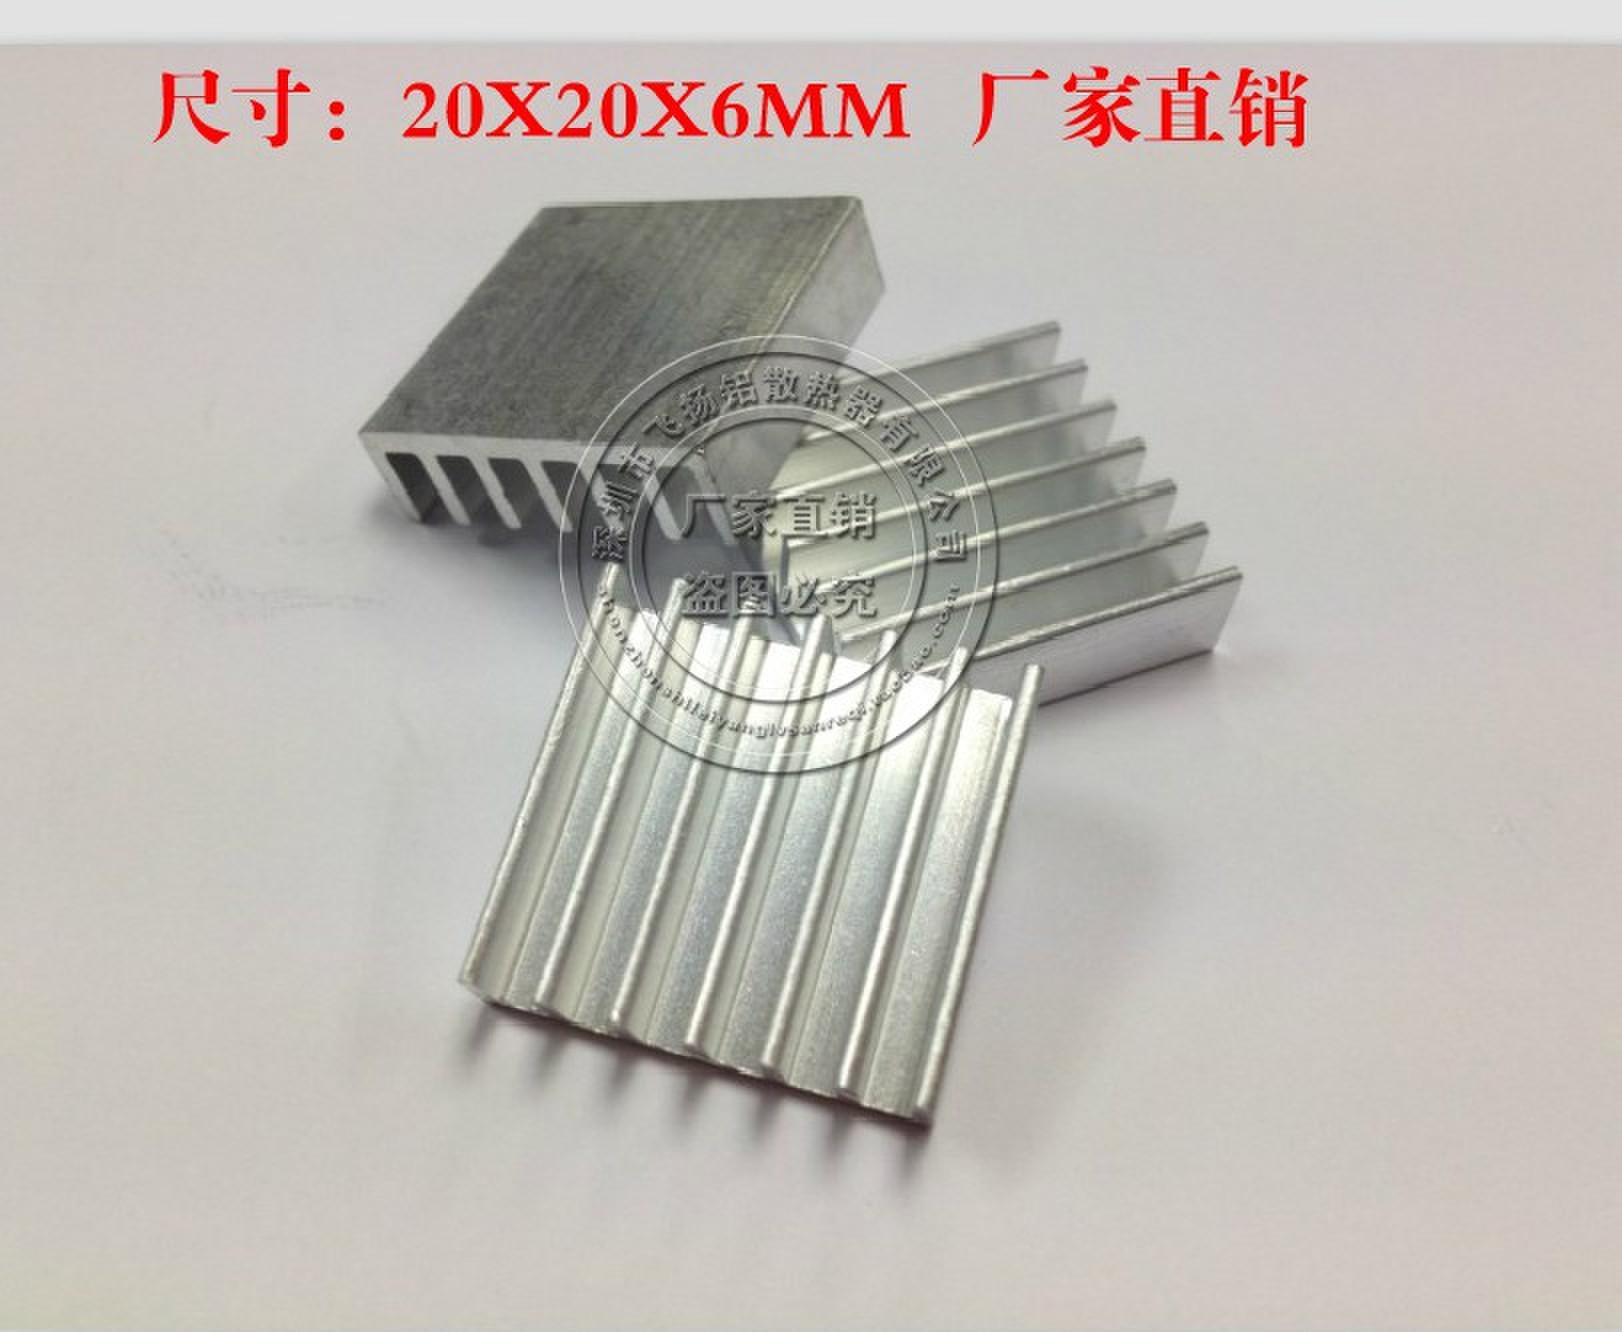 (20 pieces) 20*20*6 mm Aluminum IC LED Cooling Cooler Heatsink Heatsinks